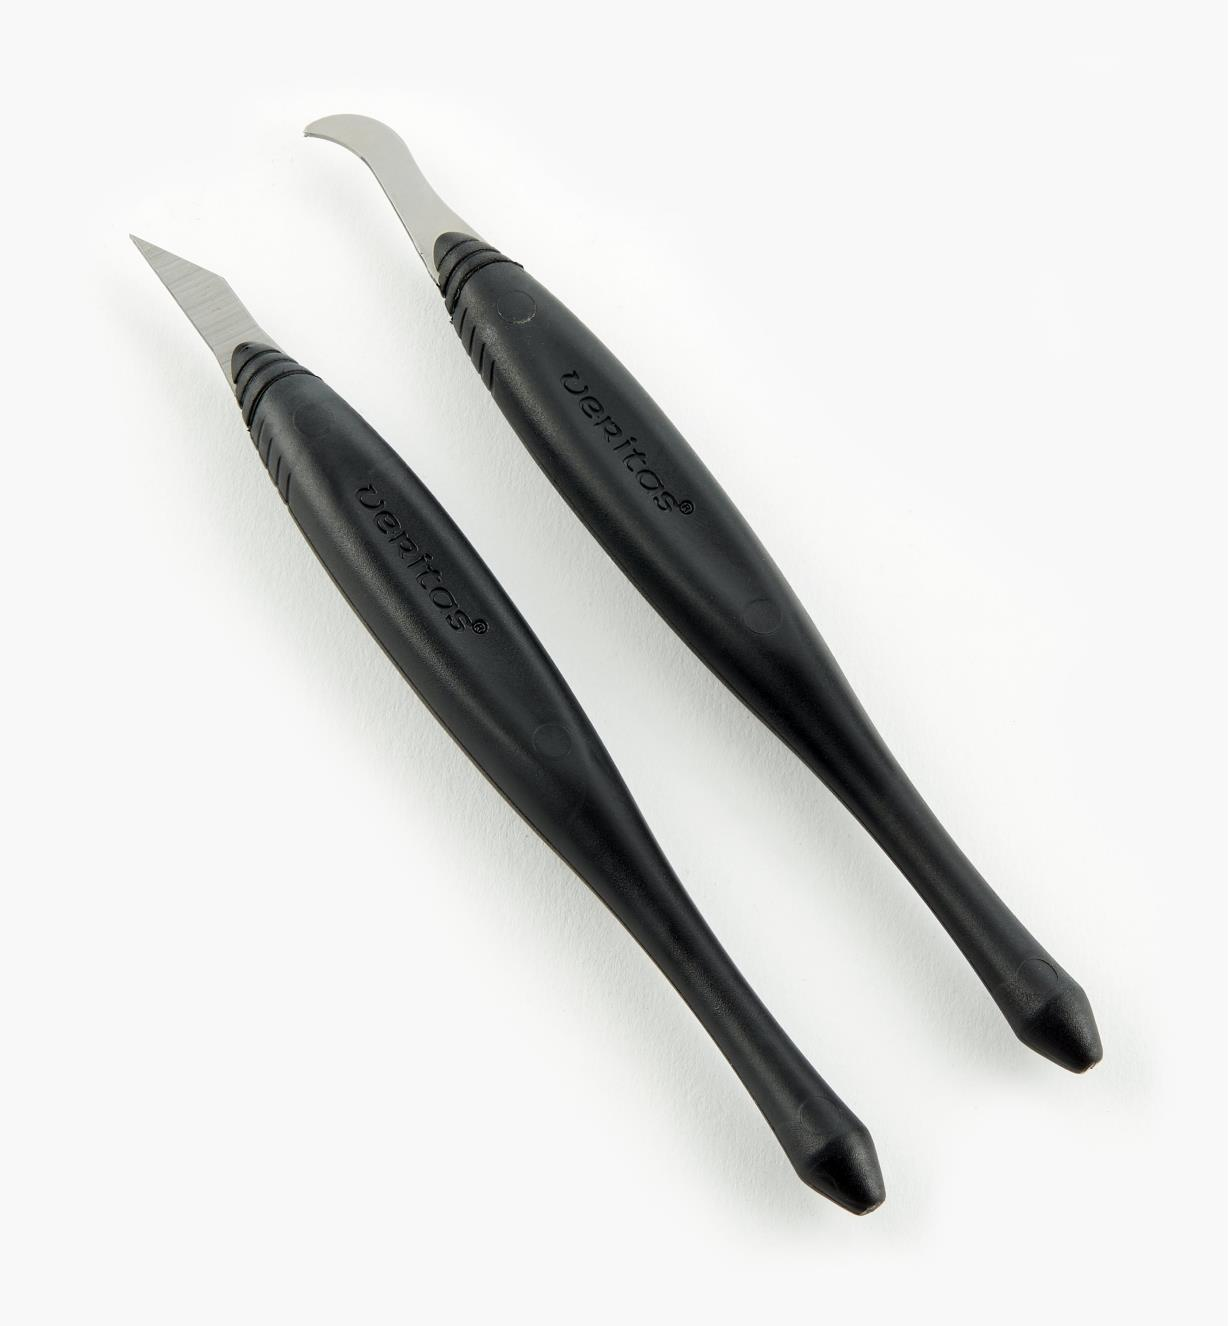 05K1233 - Ensemble de couteaux à rainurer et de finition Veritas, 0,040po